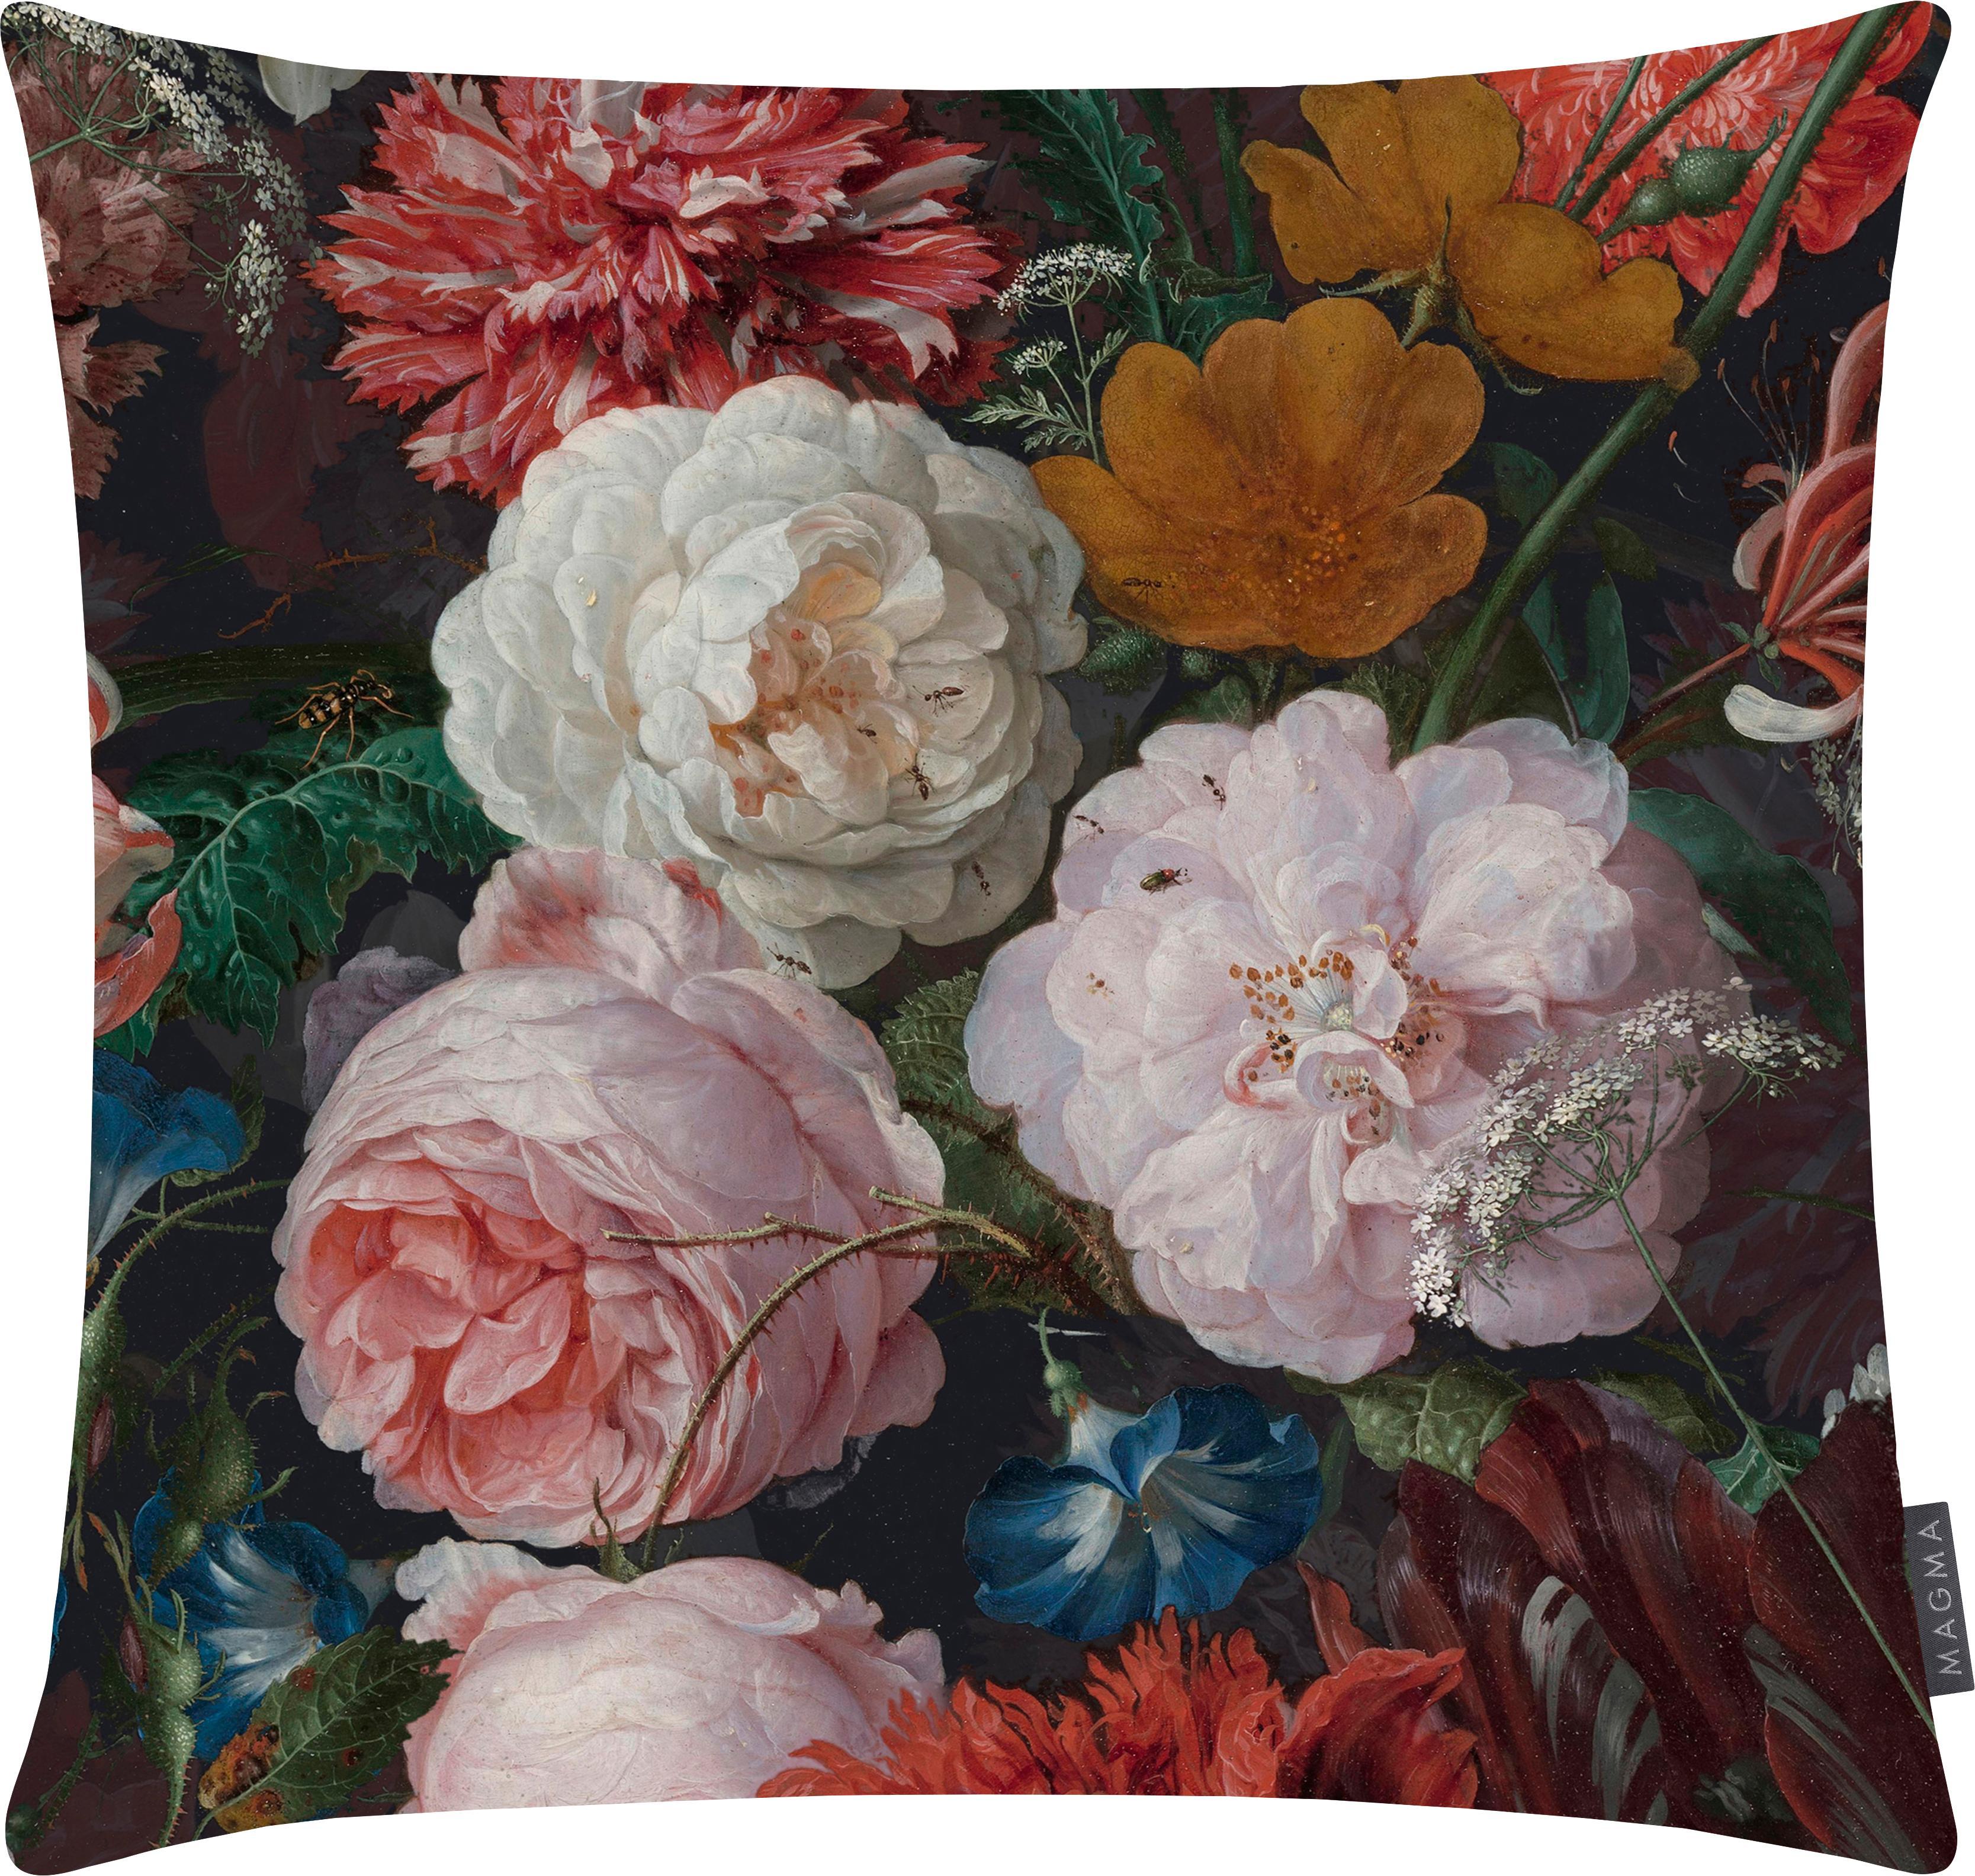 Fluwelen kussenhoes Fiore met donkere bloemmotief, 100% polyester fluweel, bedrukt, Antraciet, roze, rood, geel, groen, blauw, 40 x 40 cm